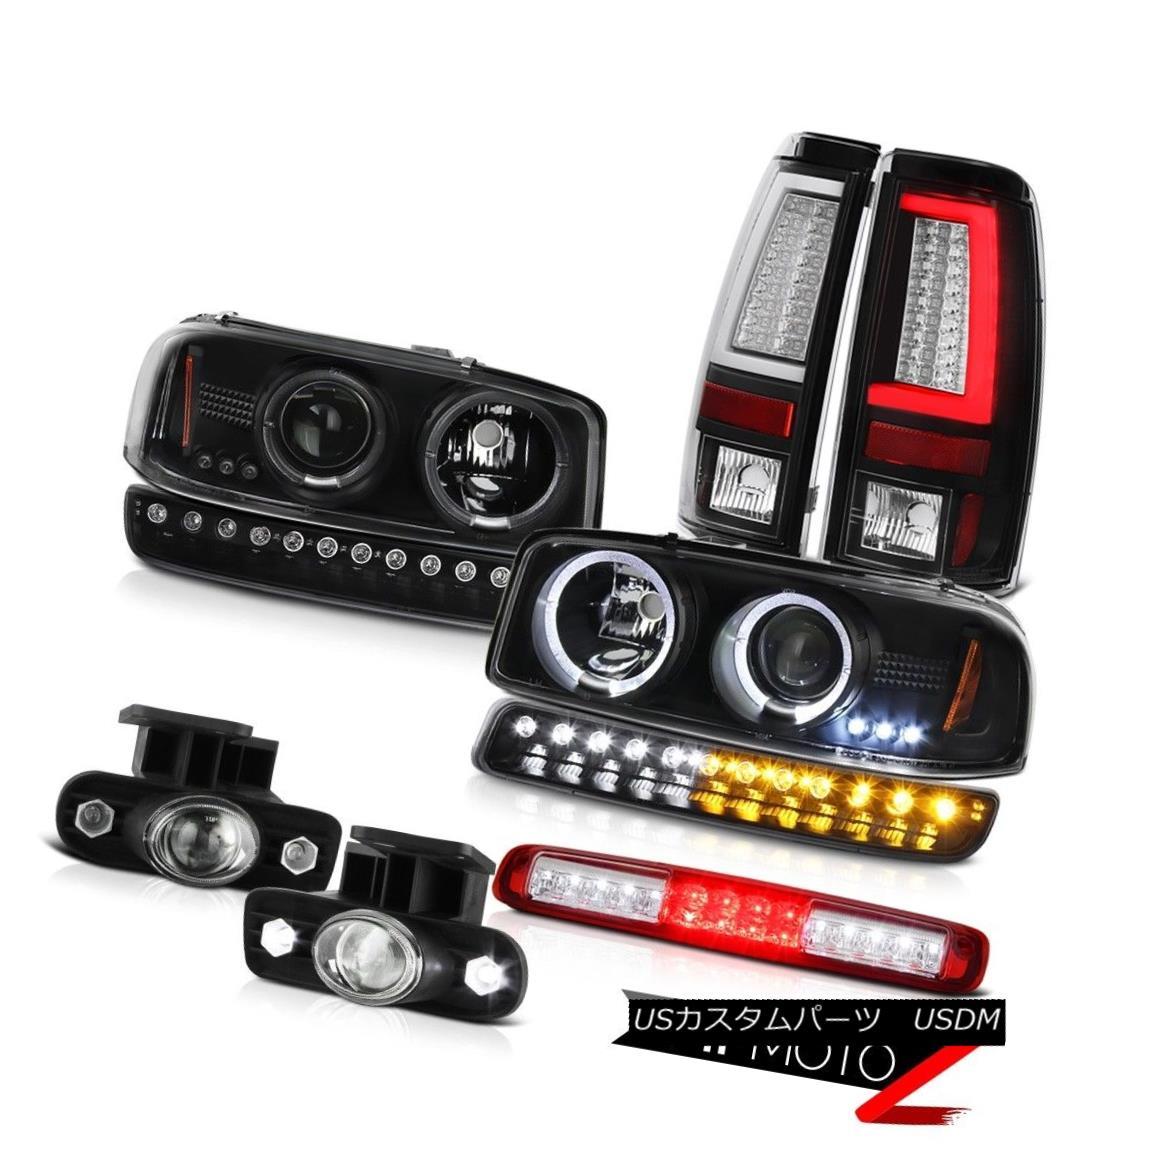 テールライト 1999-2002 Sierra 1500 Taillights Roof Brake Light Parking Fog Lights Headlights 1999-2002シエラ1500灯台ルーフブレーキライトパーキングフォグライトヘッドライト